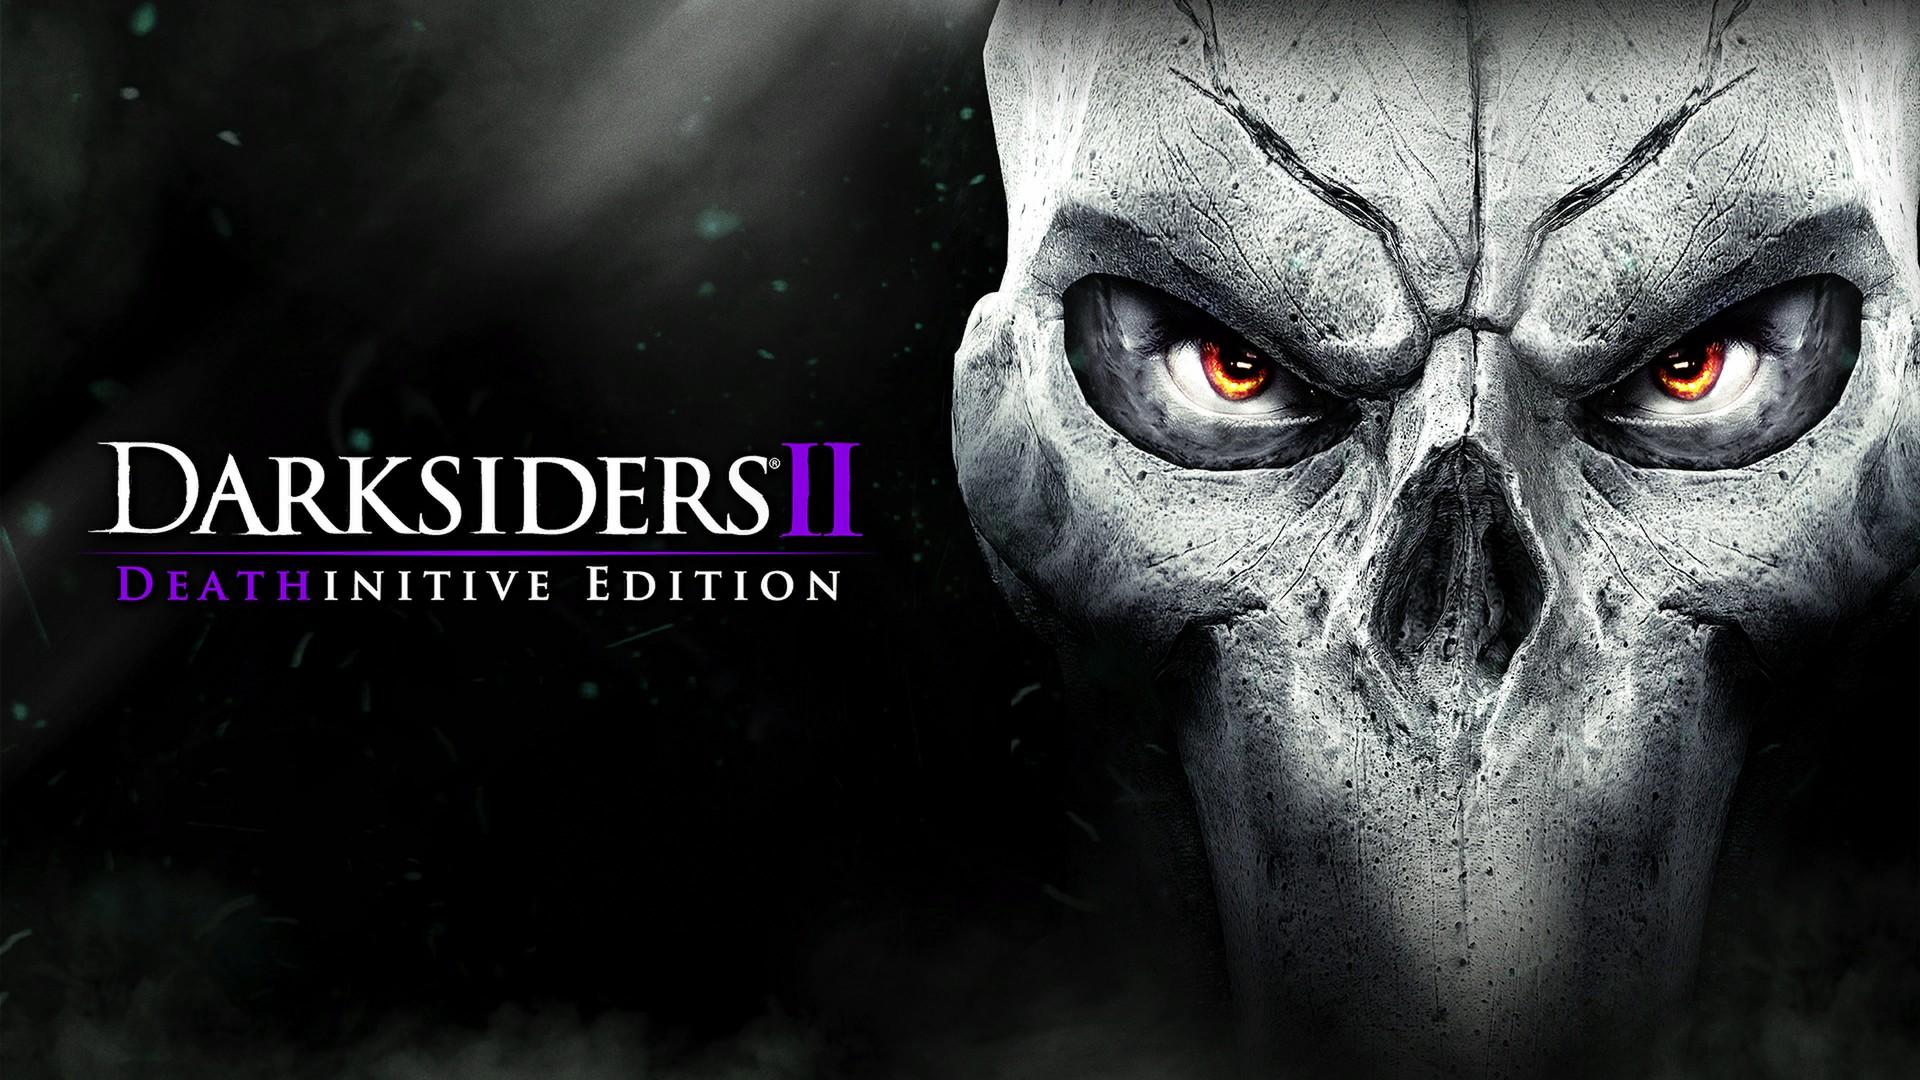 Darksiders 2 De Ps4wallpaperscom